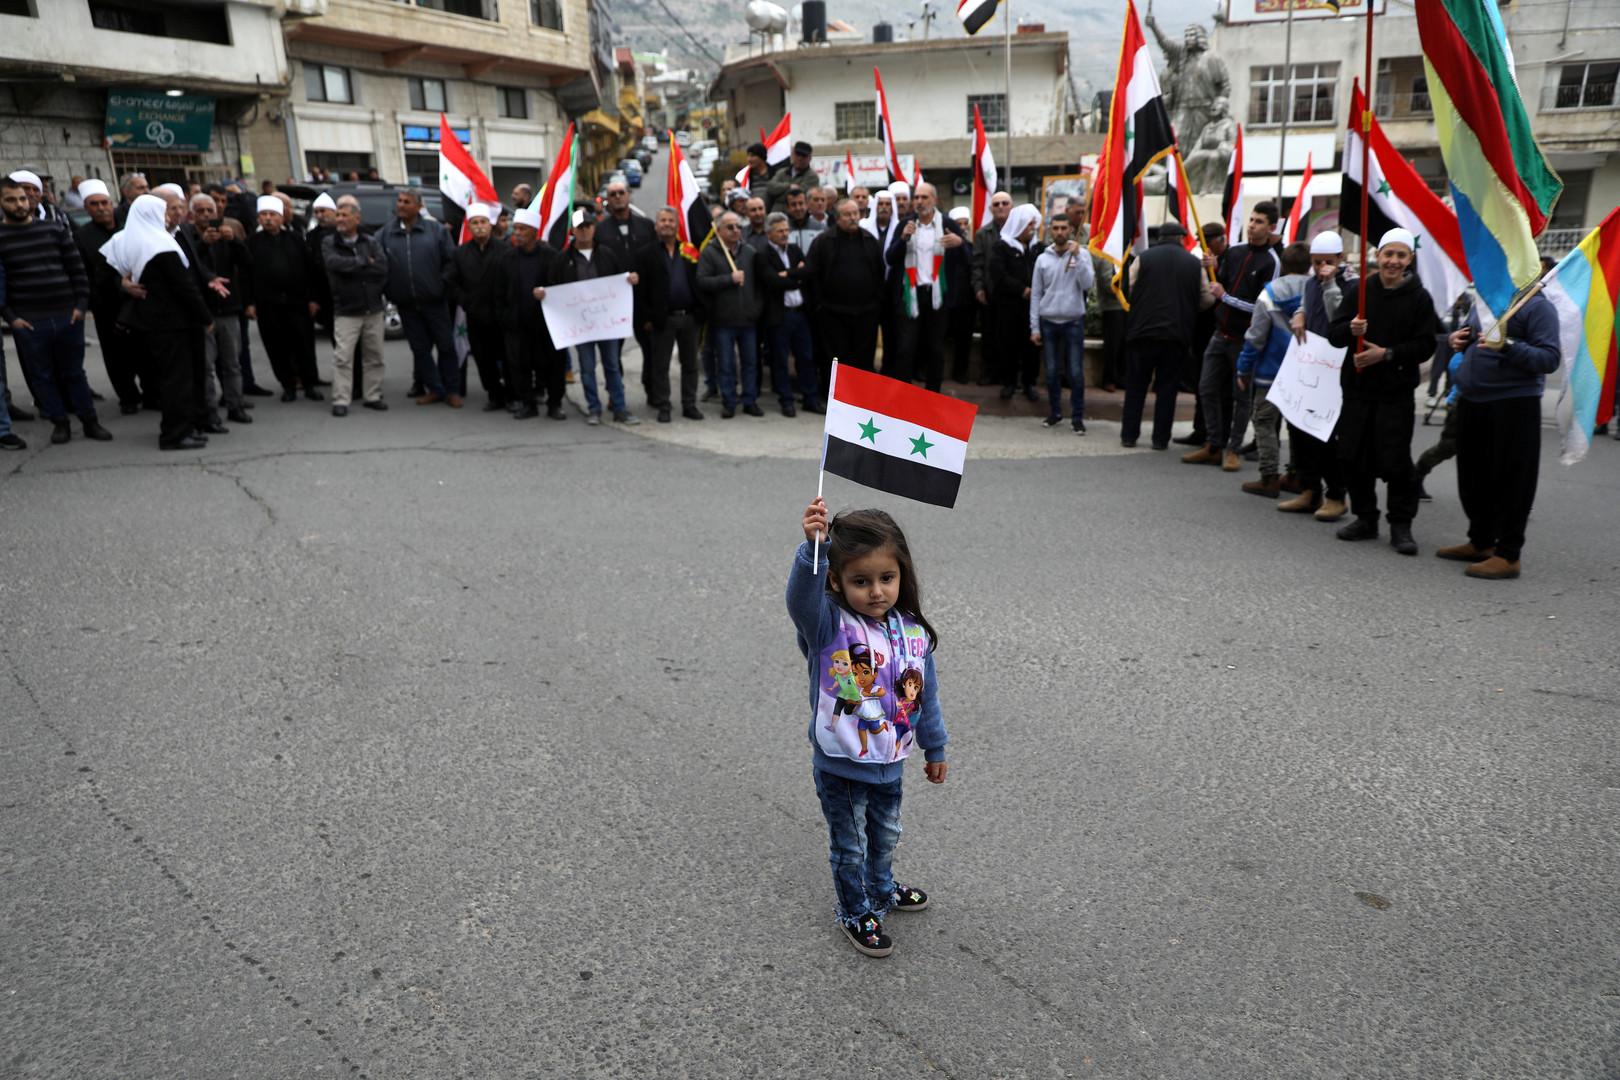 حاملين صور الأسد.. أهالي الجولان المحتل يحتجون على تصريحات ترامب